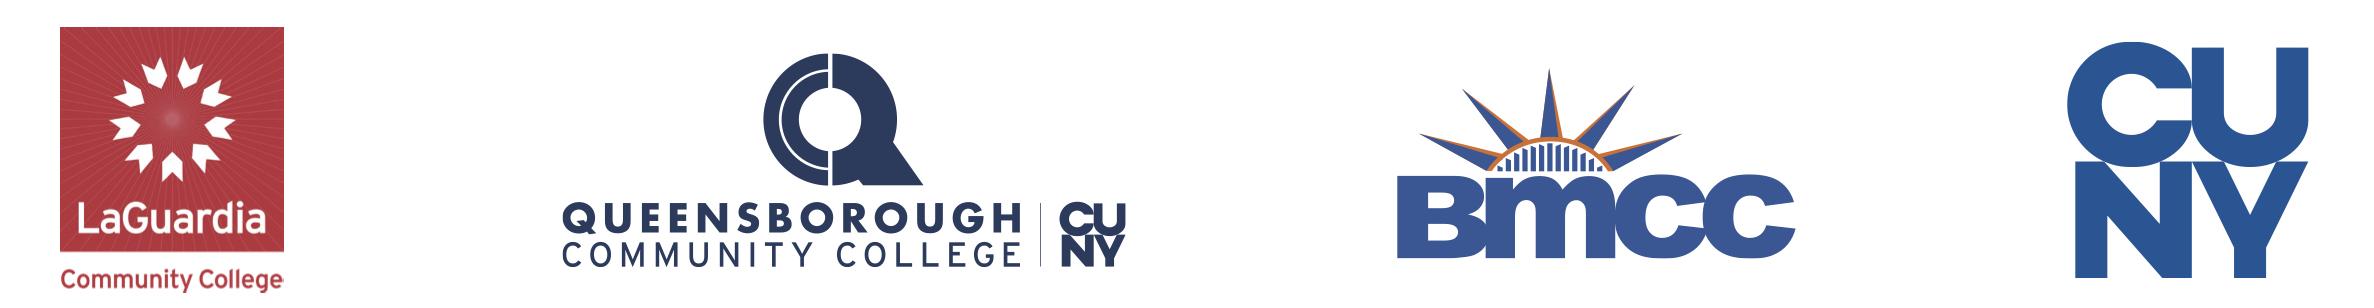 FinalTYCAProgram-Logos.jpg